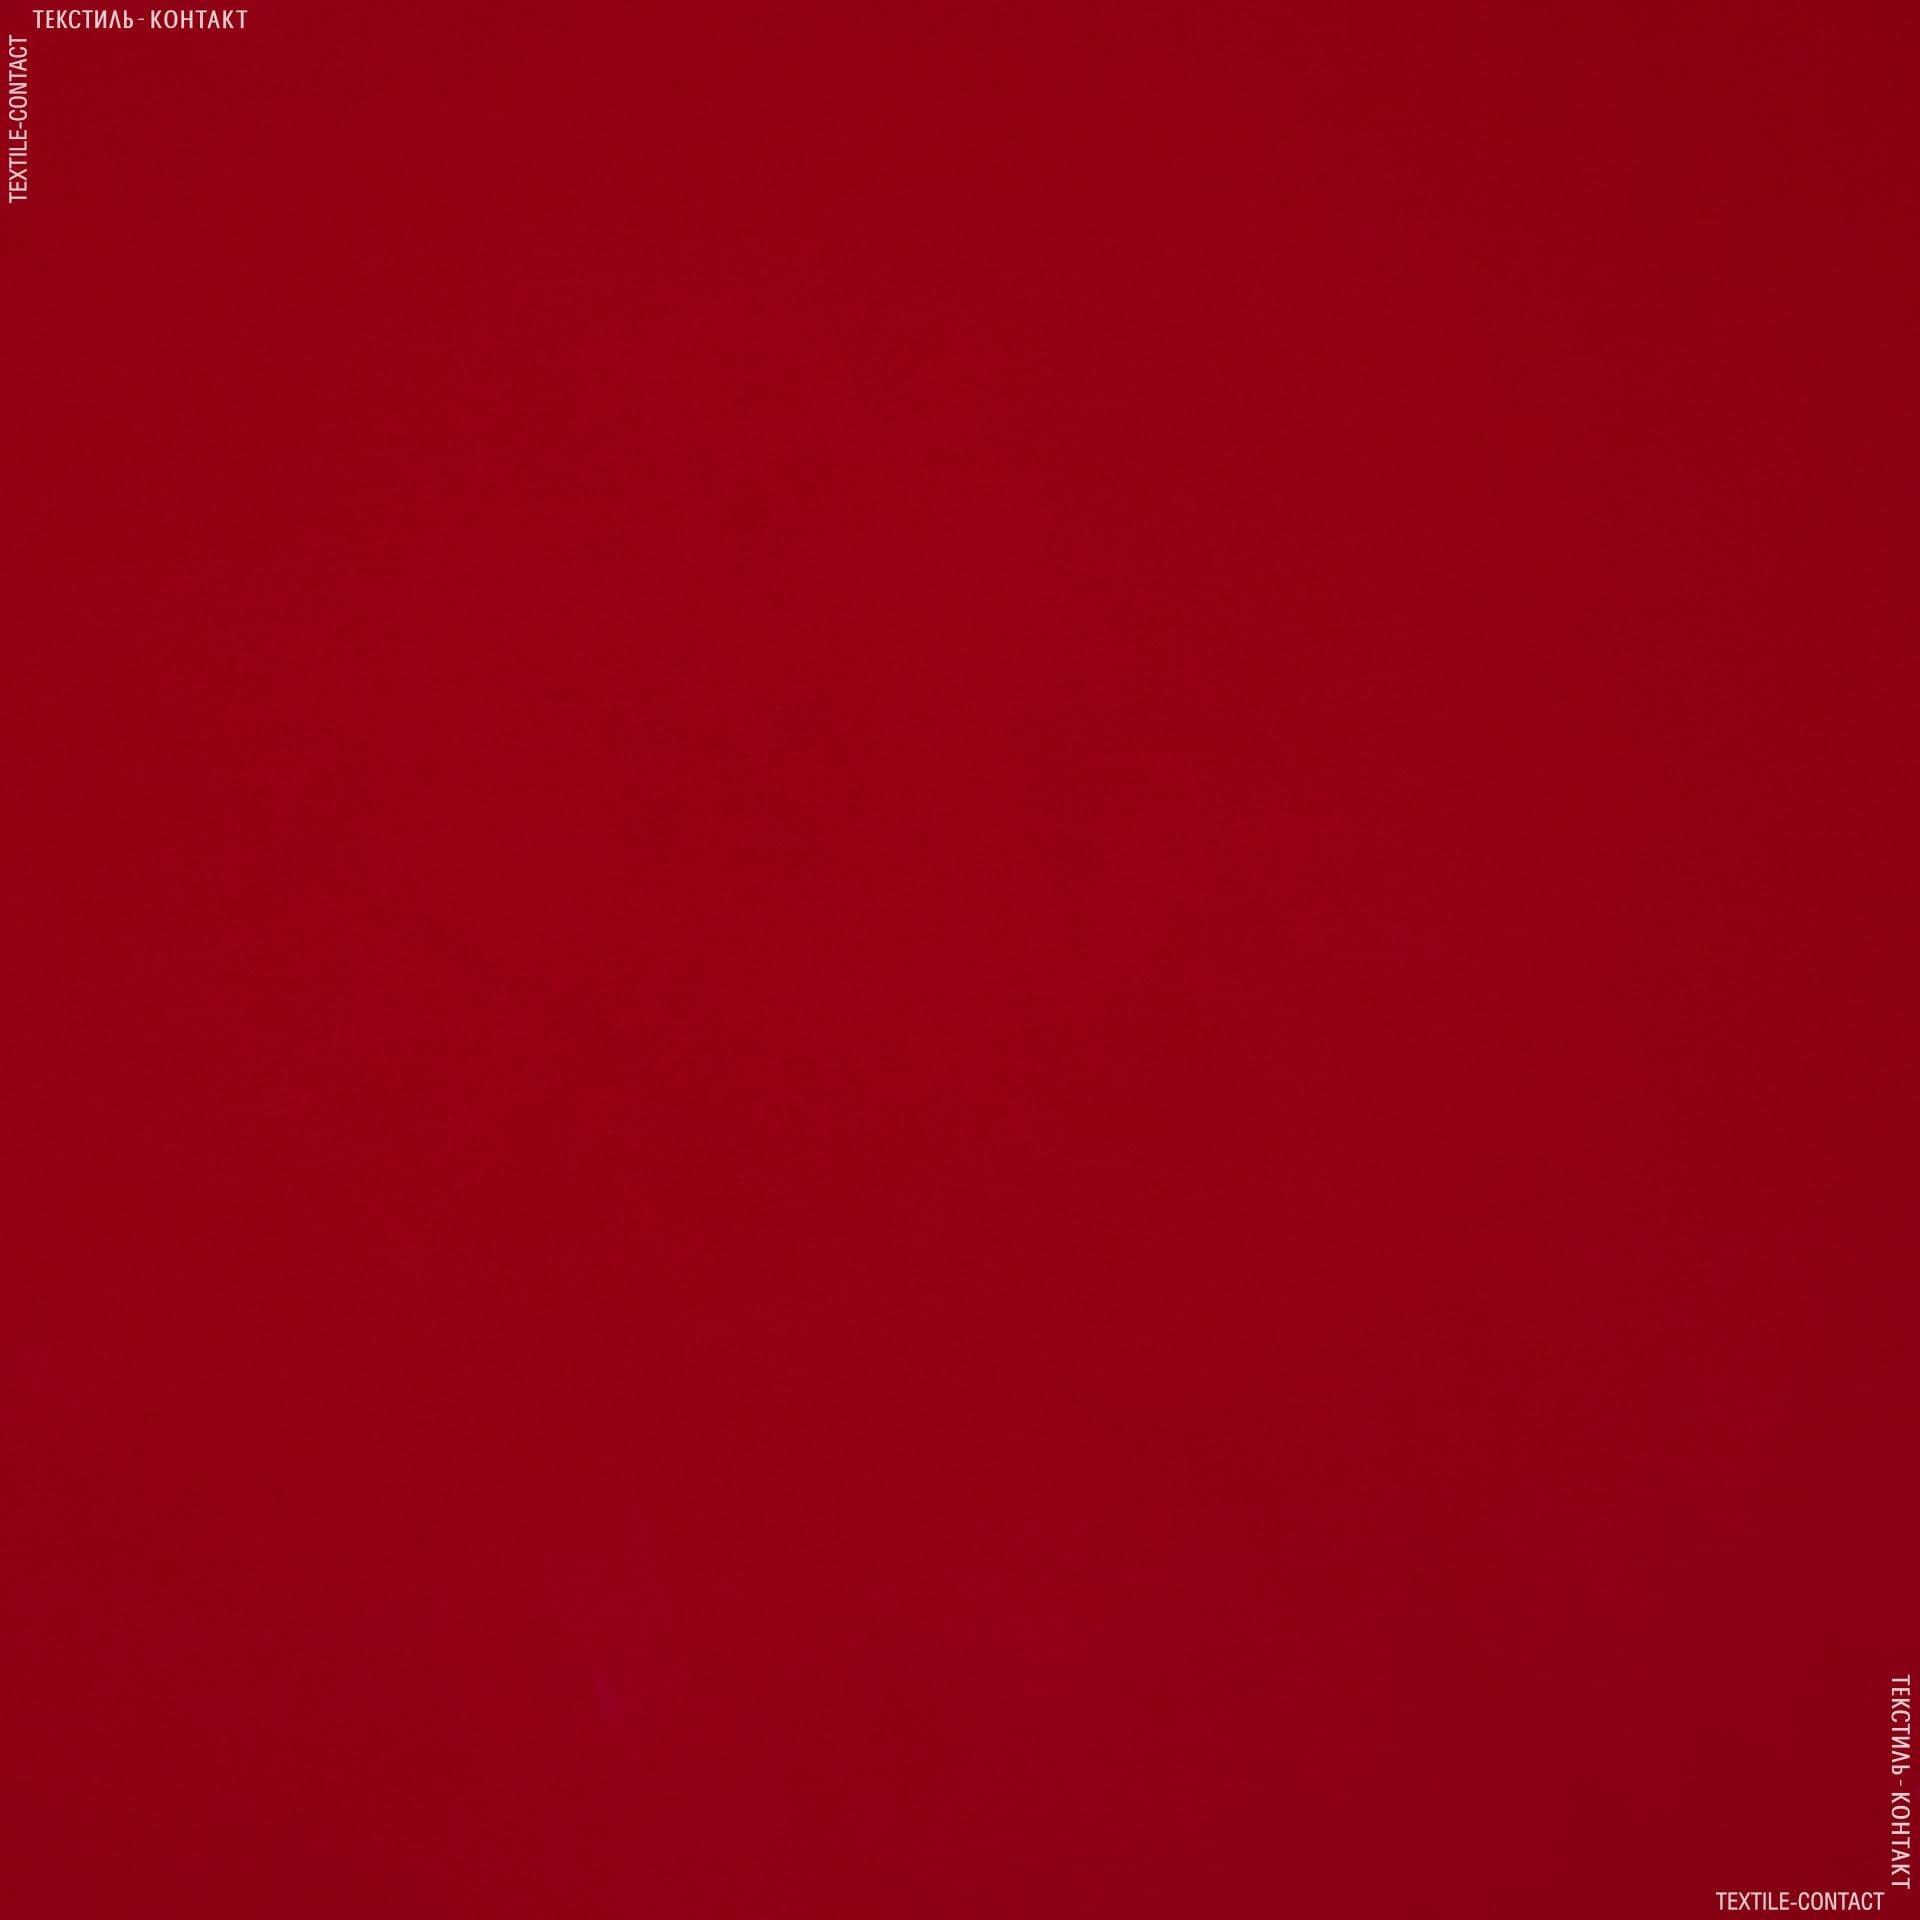 Тканини ритуальна тканина - Замша штучна червоний